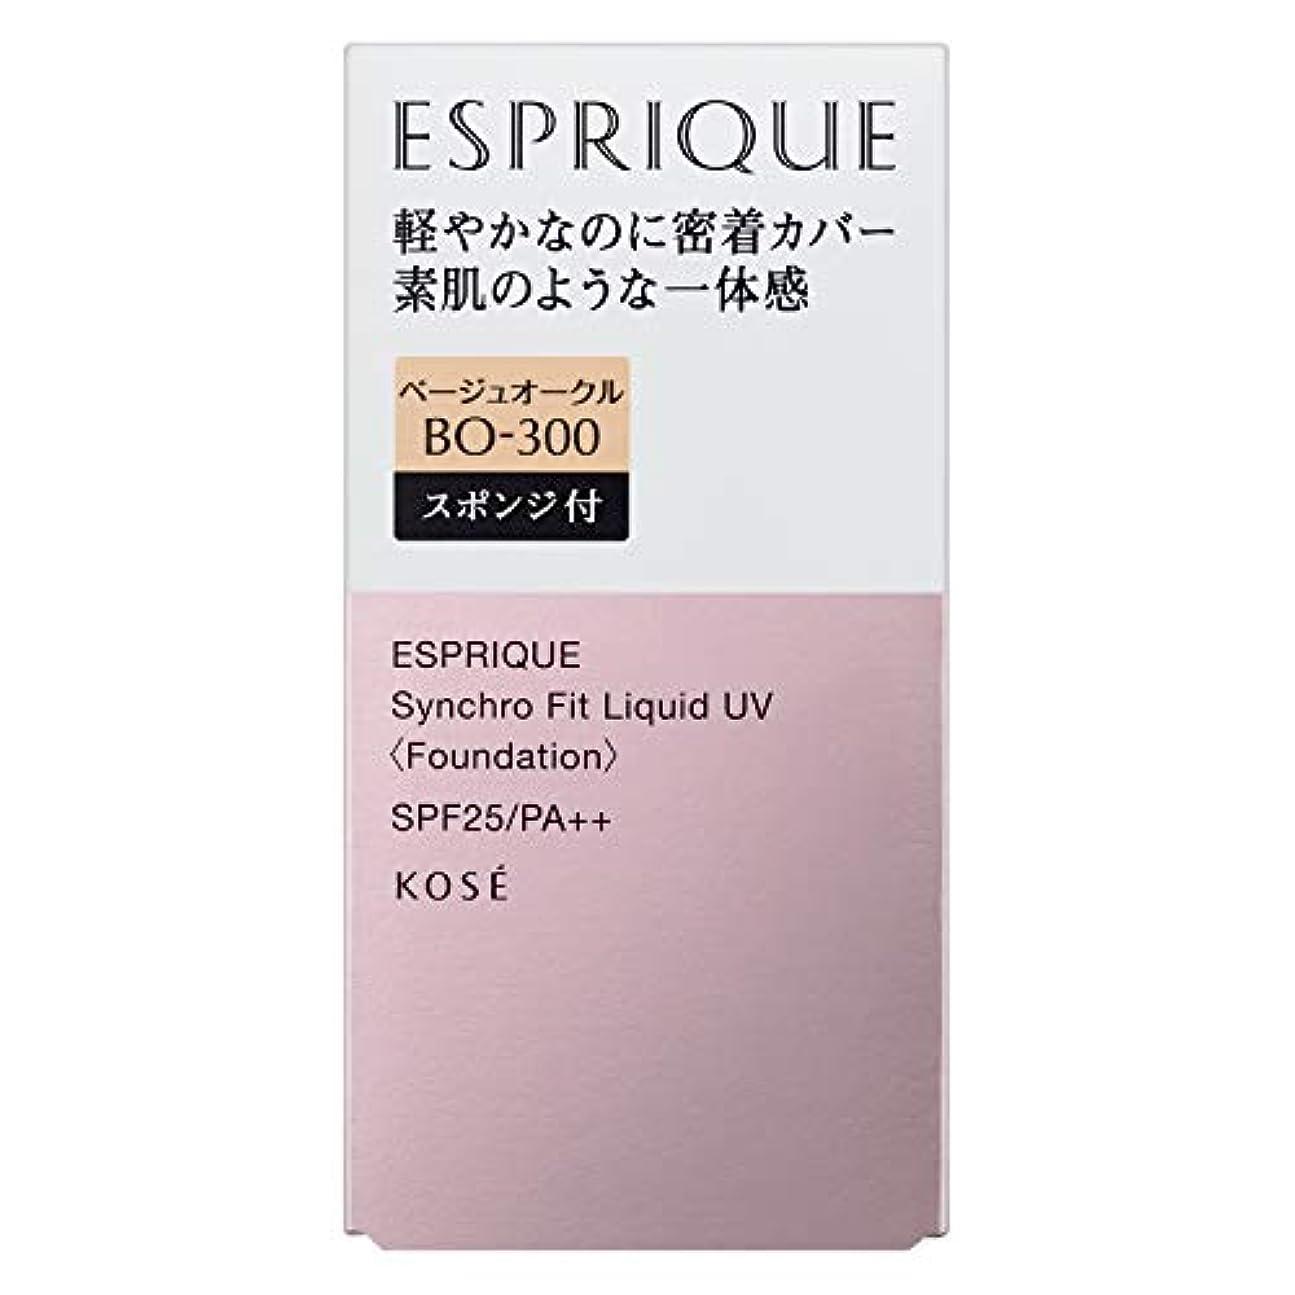 着飾る黒実験室ESPRIQUE(エスプリーク) エスプリーク シンクロフィット リキッド UV ファンデーション 無香料 BO-300 ベージュオークル 30g